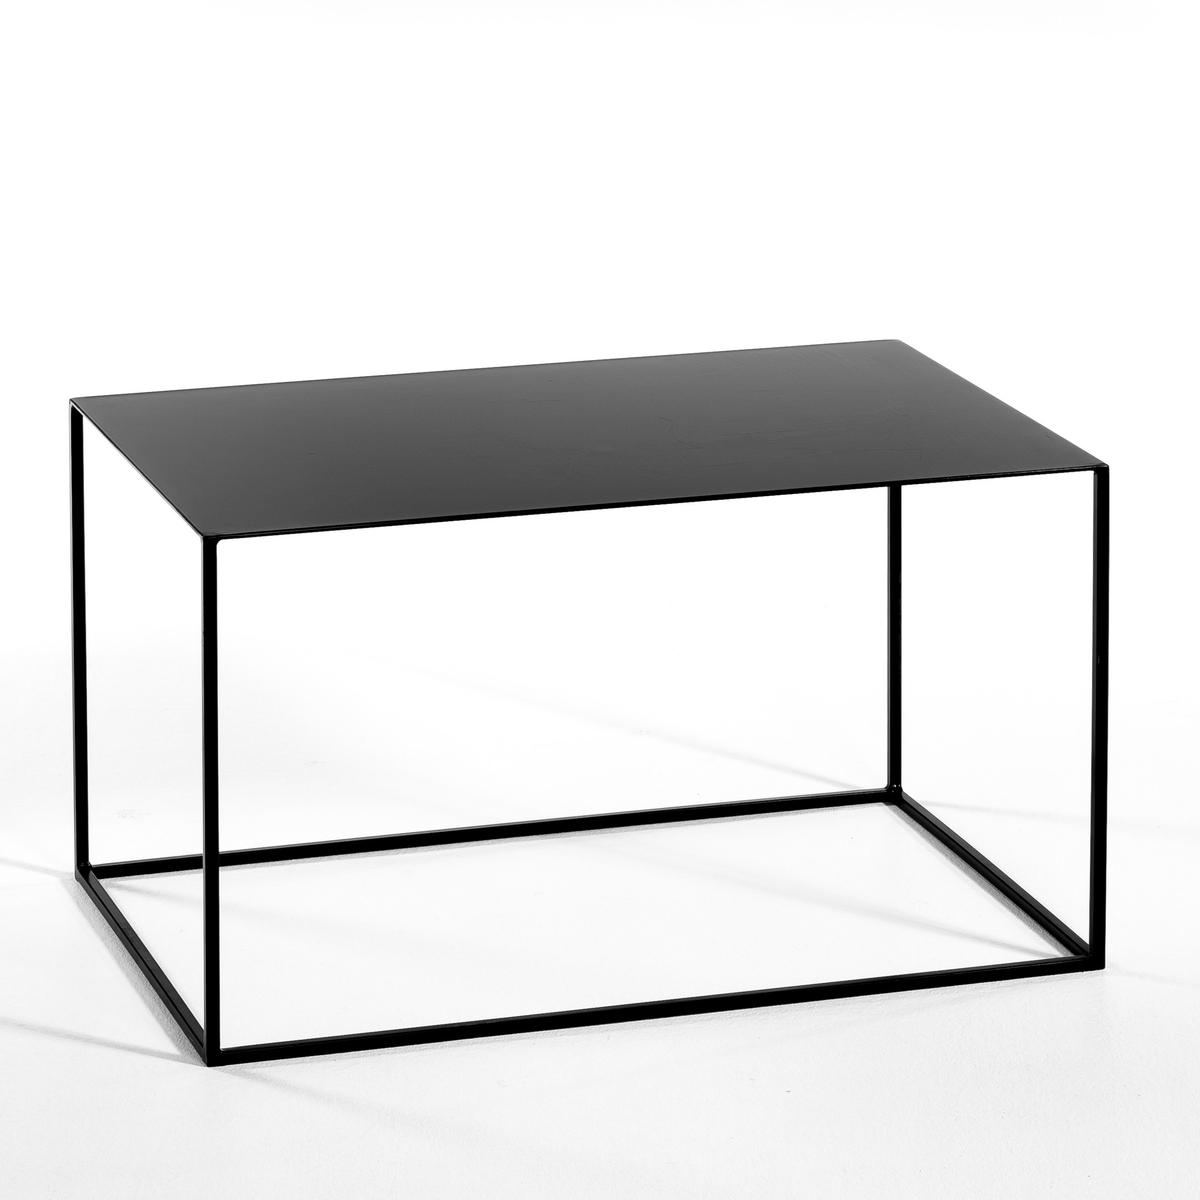 Столик La Redoute Прямоугольный Romy единый размер черный цена